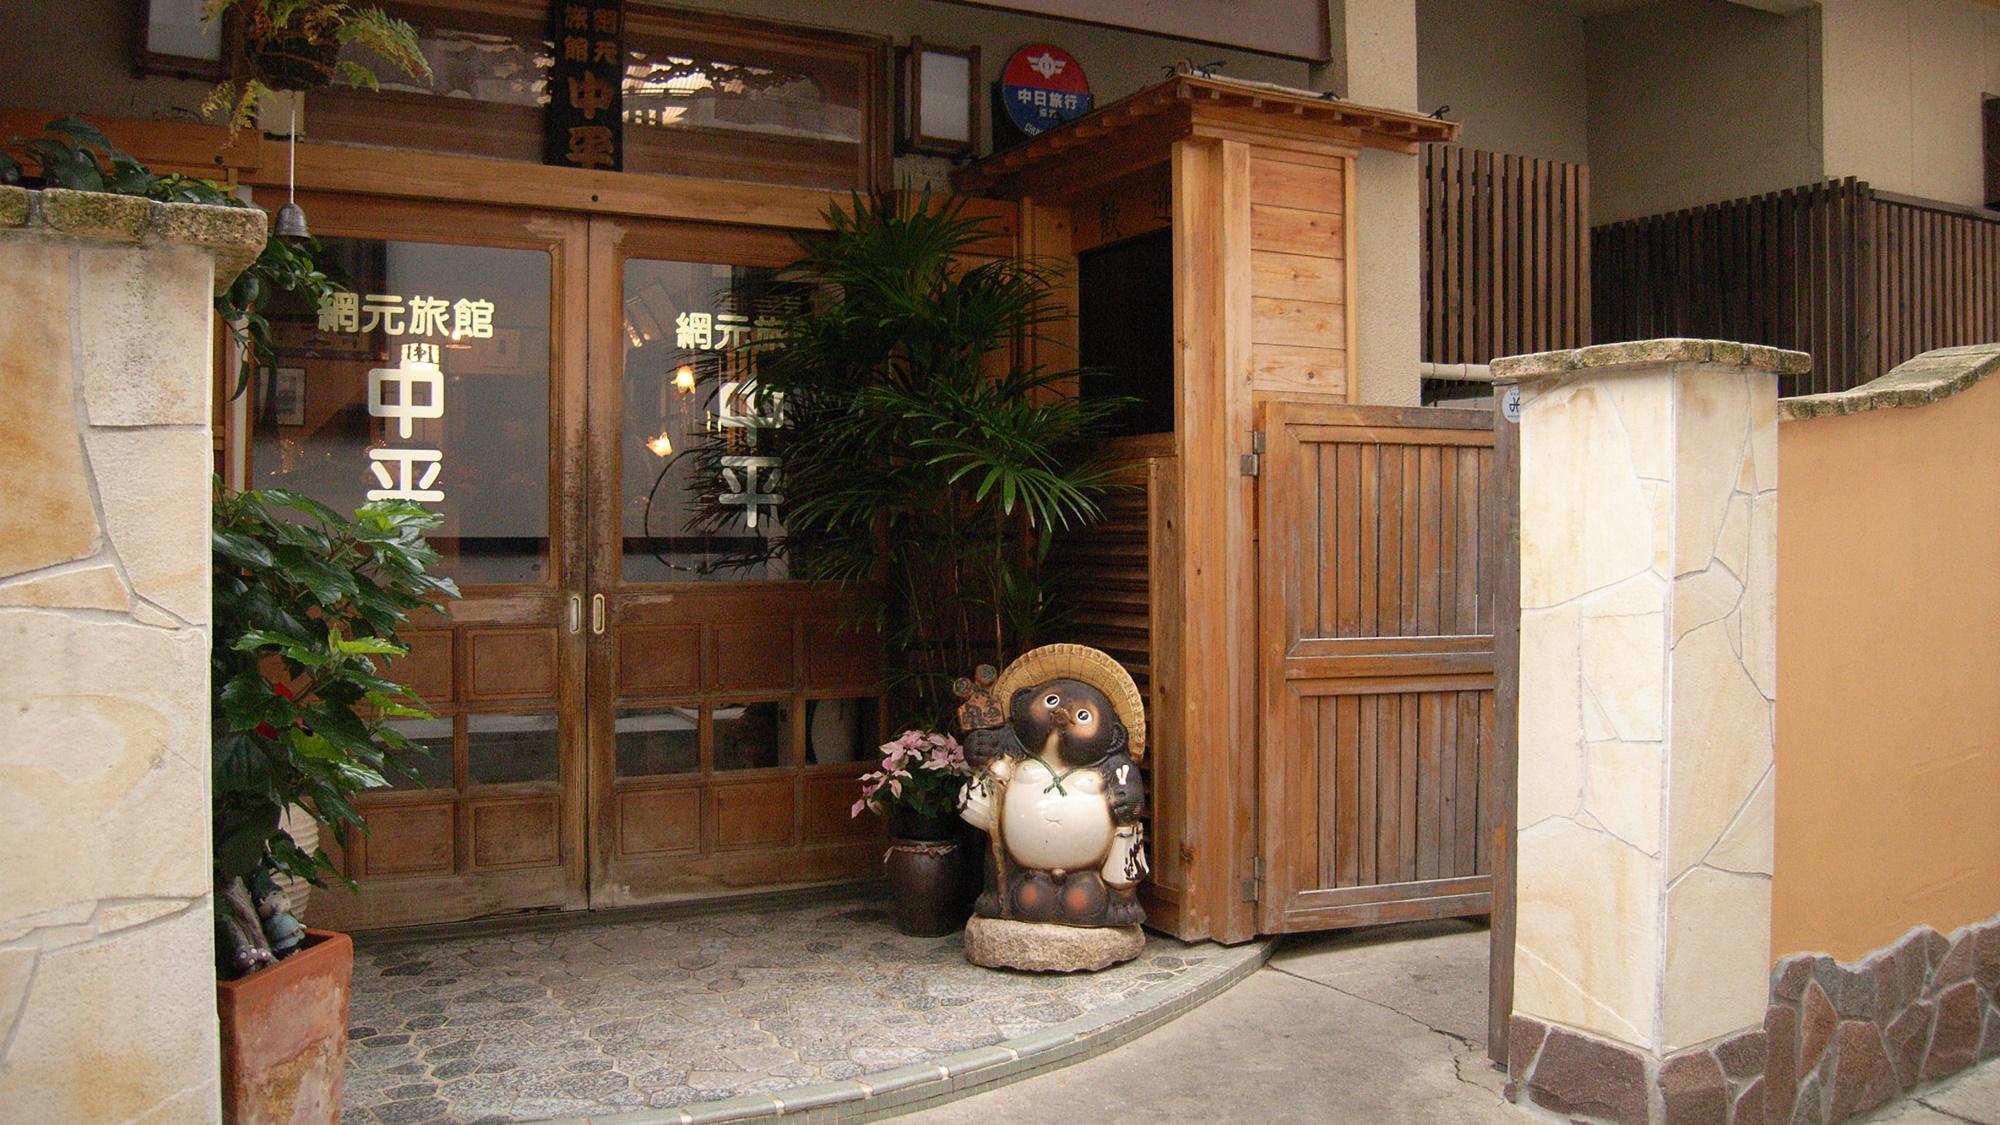 日間賀島 網元旅館 中平